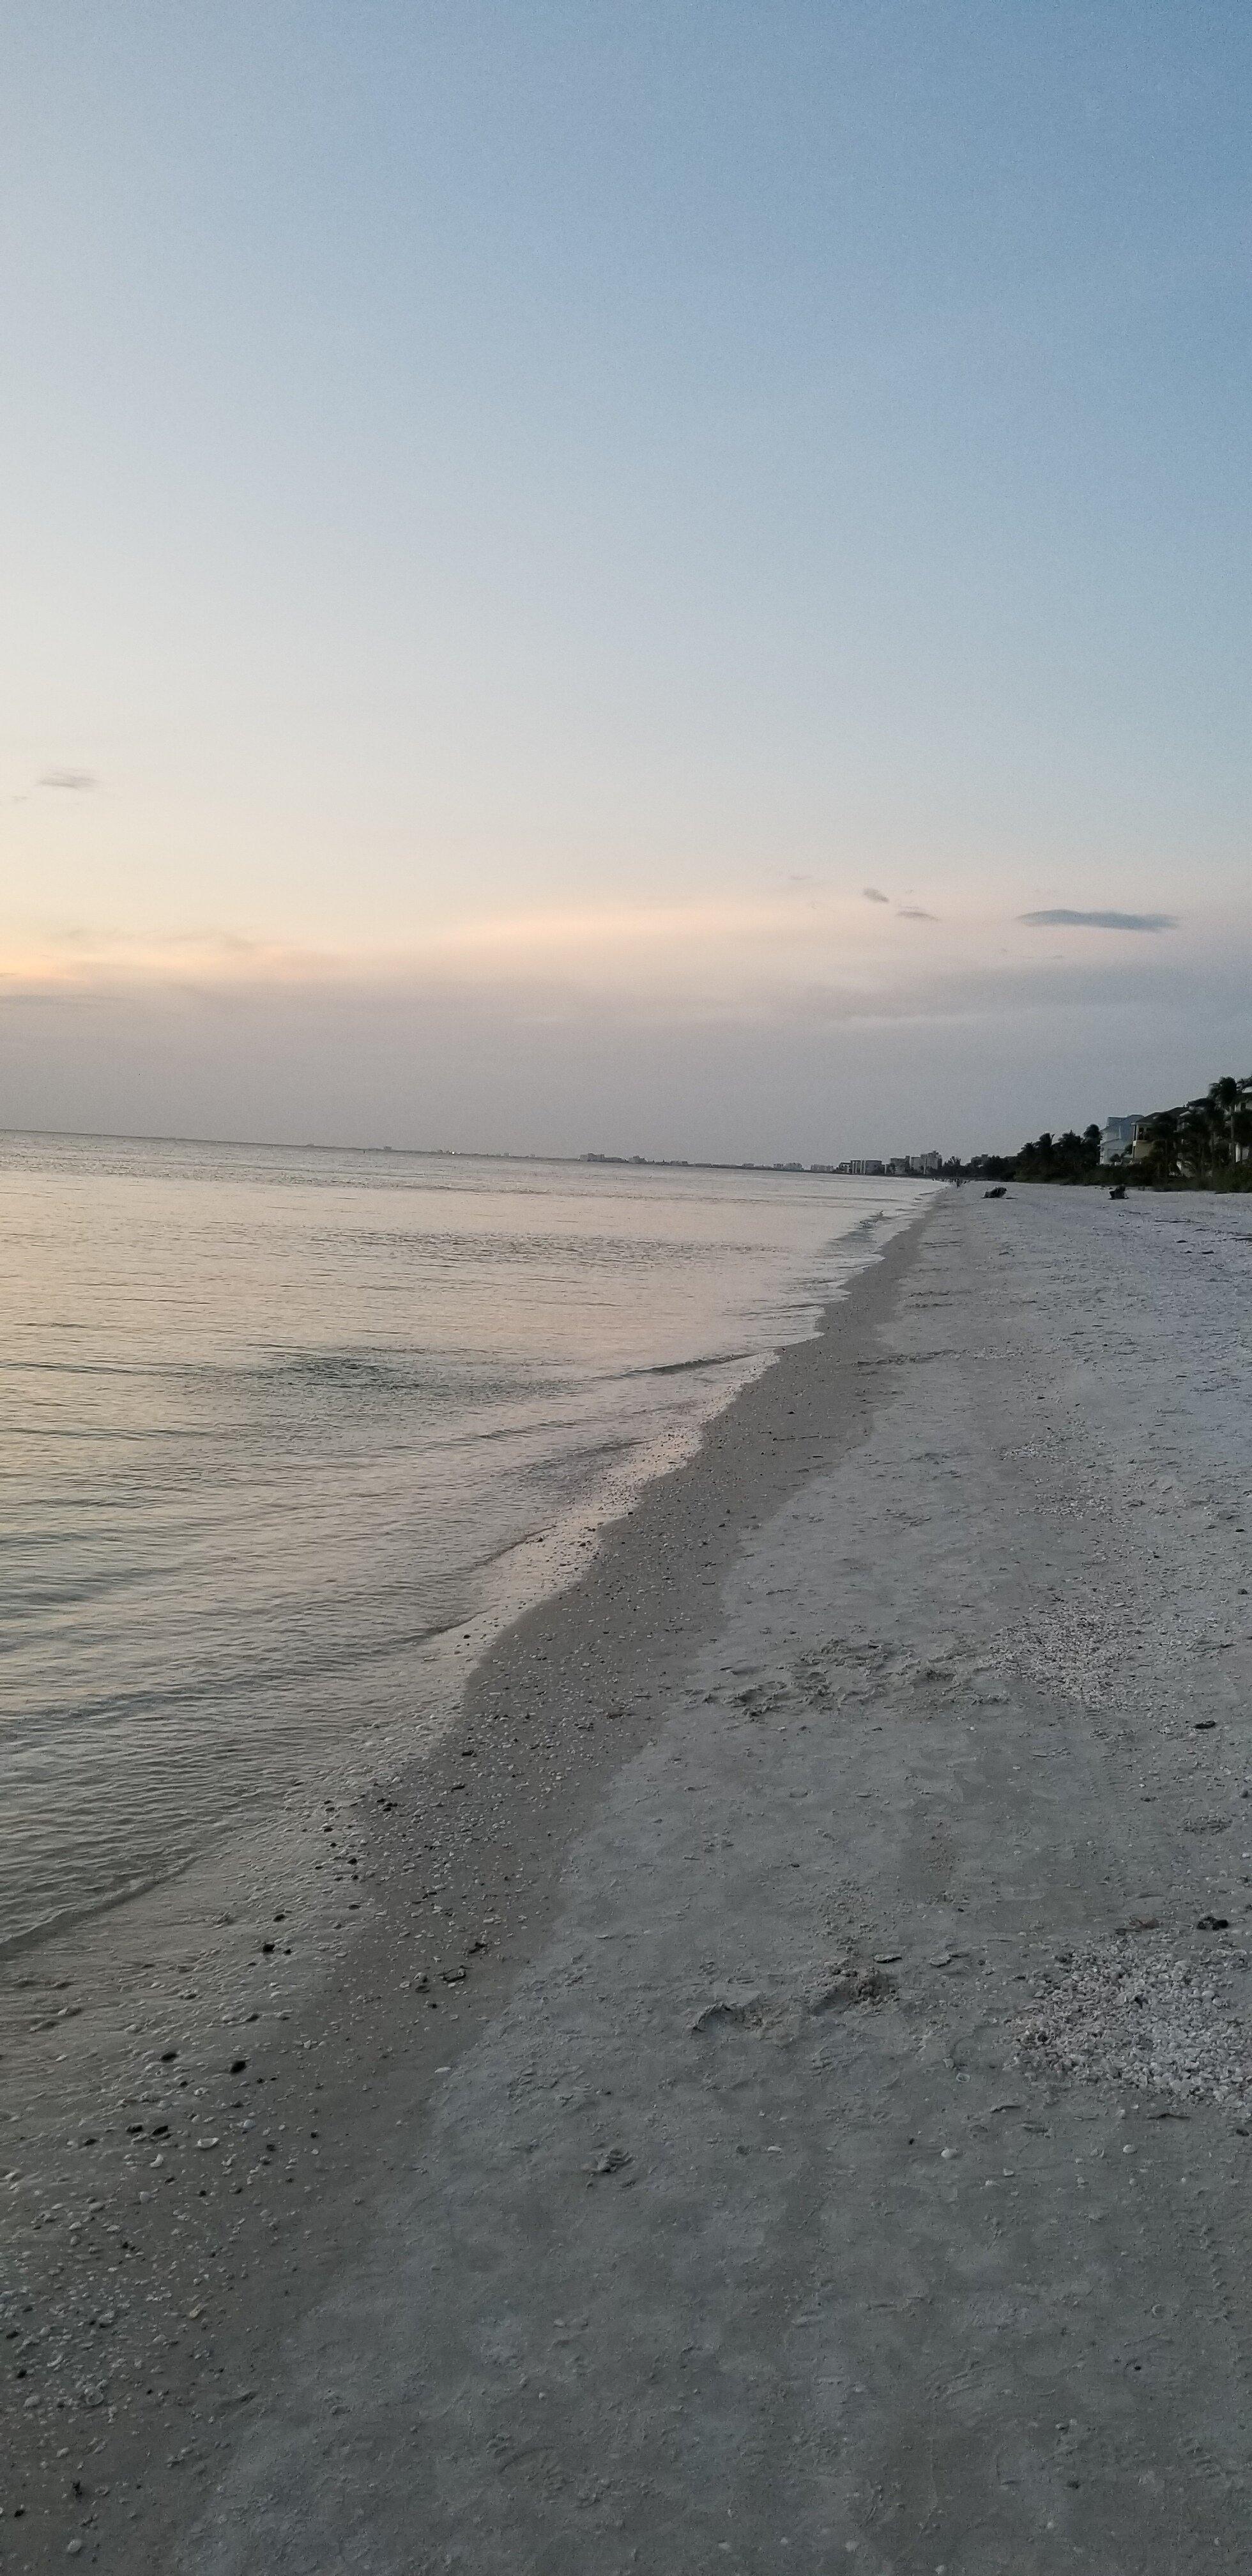 Just after sunset, Barefoot Beach